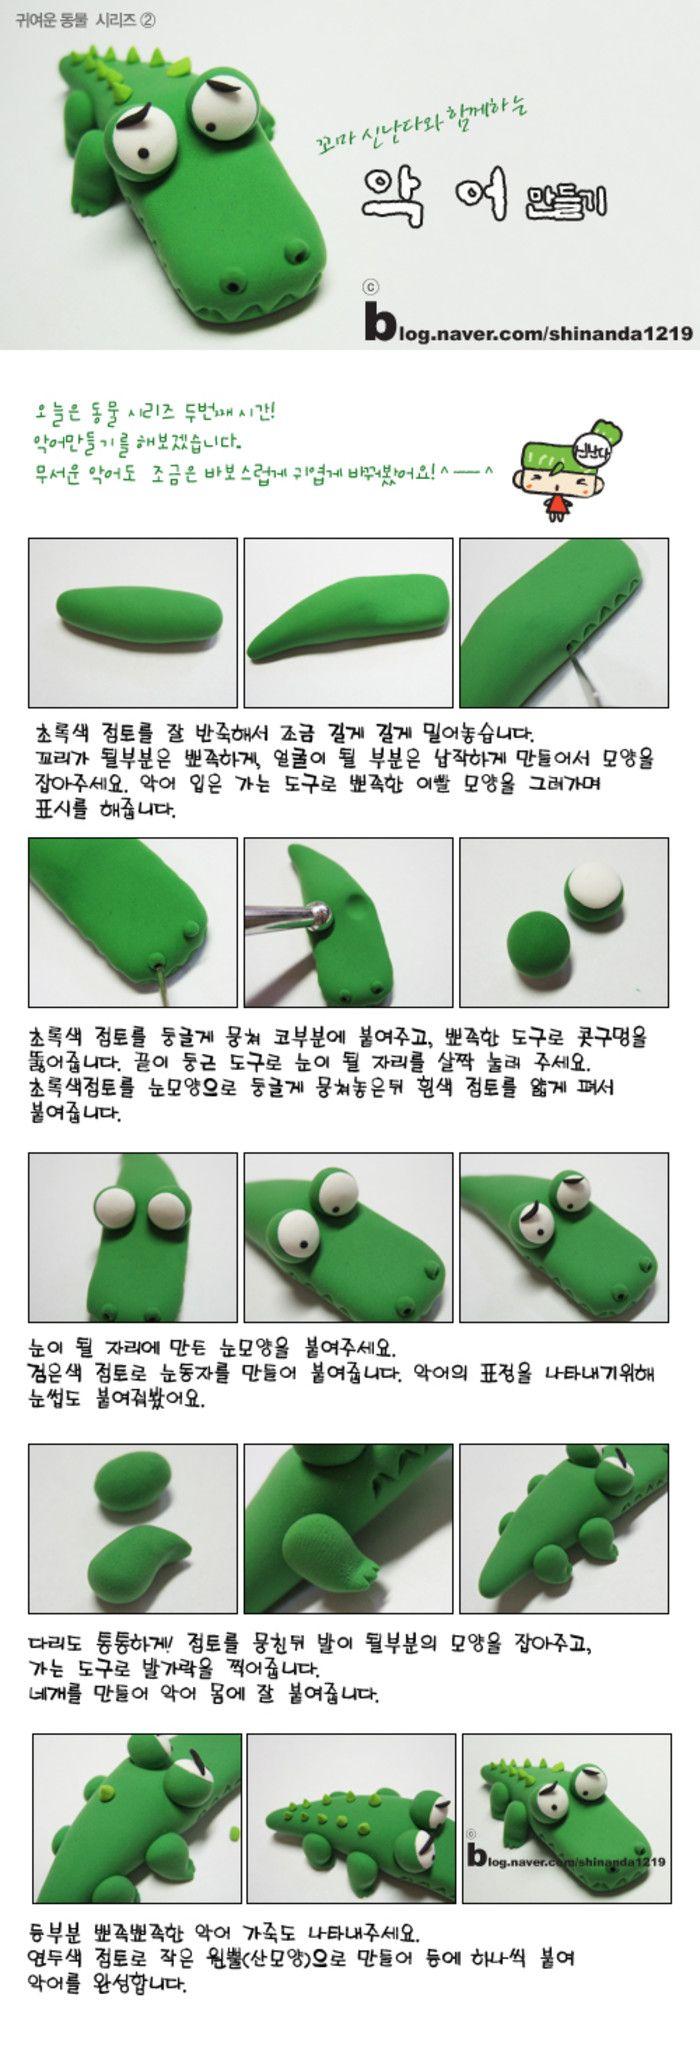 黏土 纸...来自艾姆艾姆的图片分享-堆糖